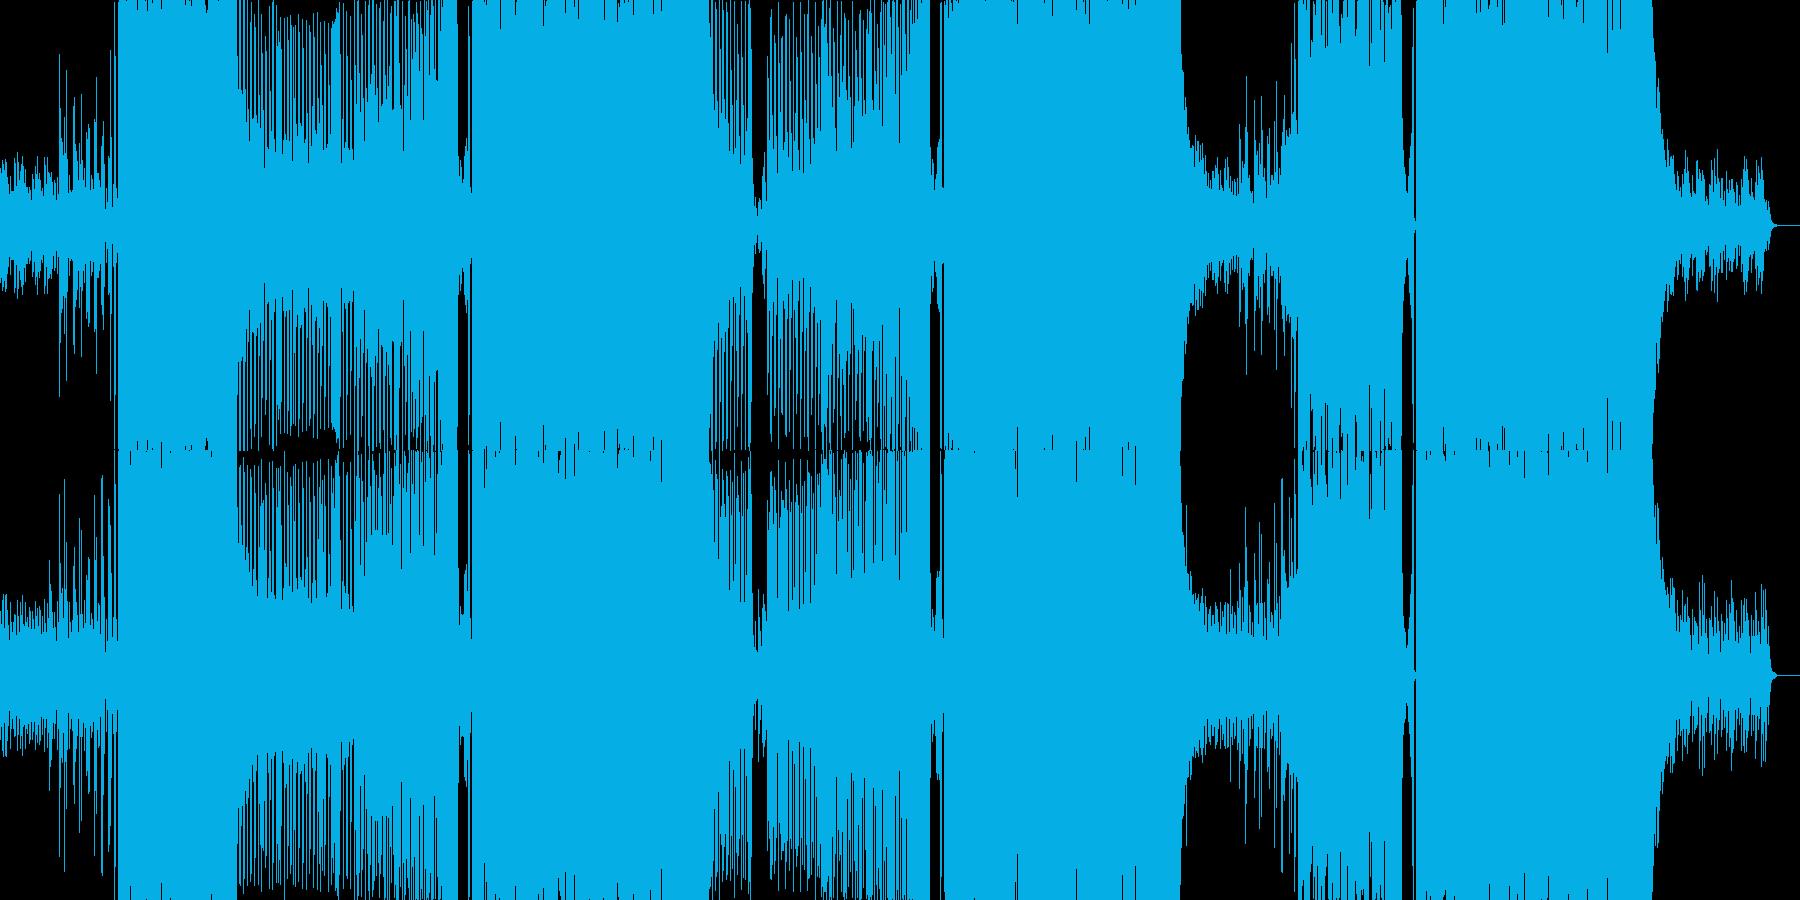 クラブ系で盛り上がる爽やかなEDMの再生済みの波形